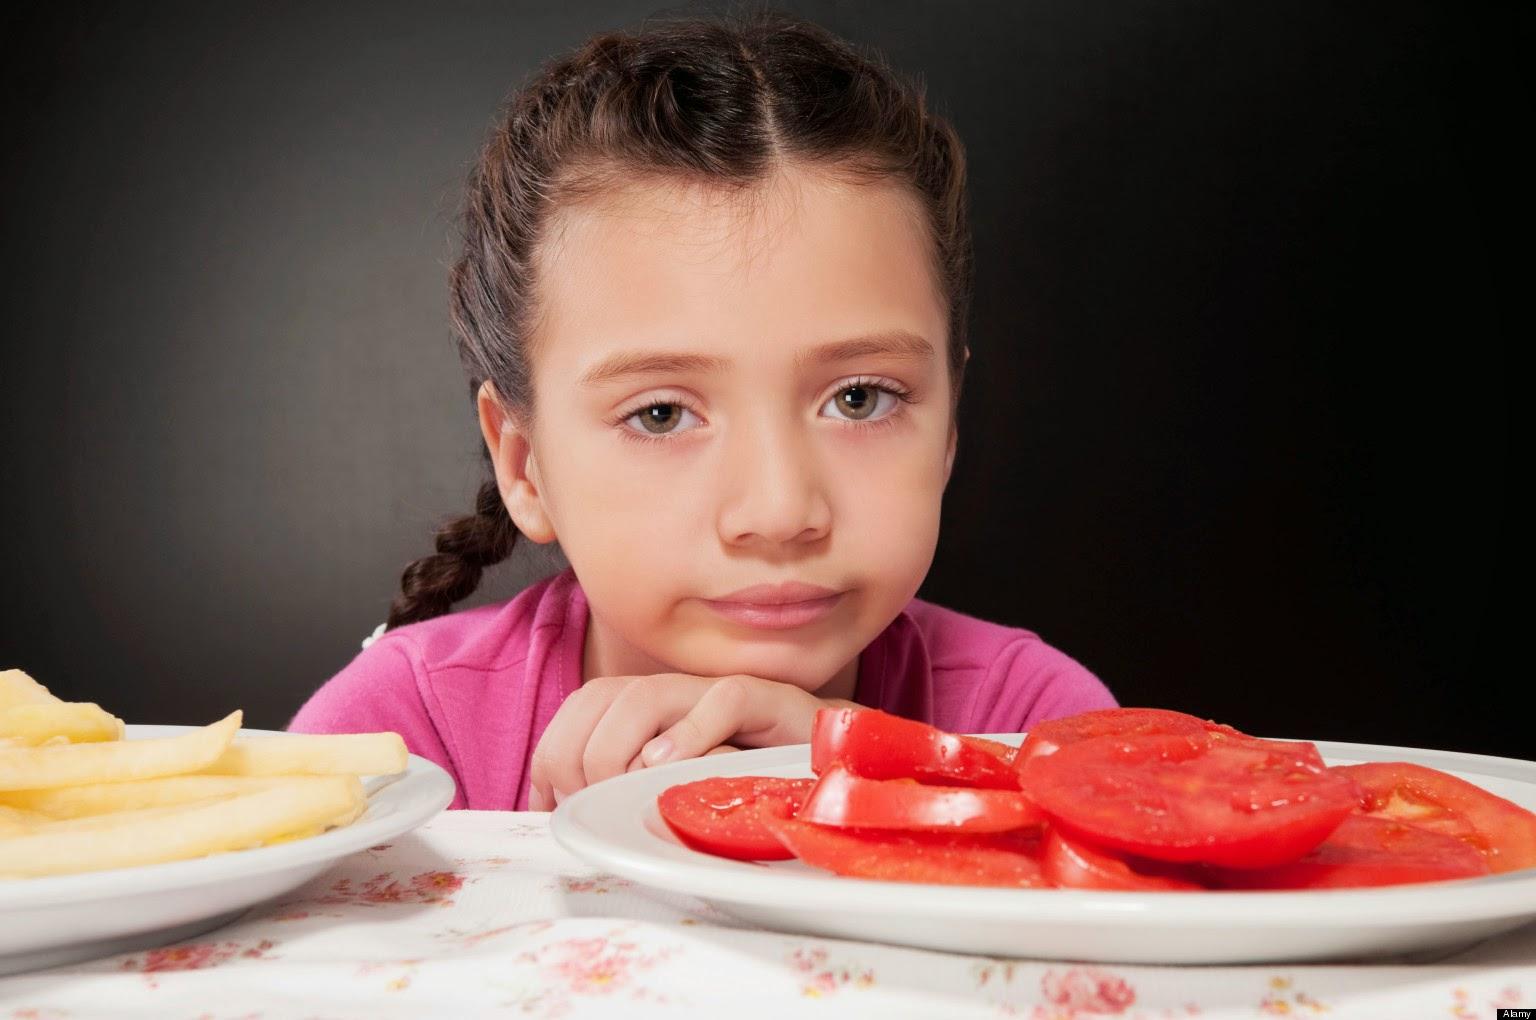 Bệnh thiếu máu dinh dưỡng ở trẻ em gây ra những ảnh hưởng lớn tới sức khỏe của trẻ